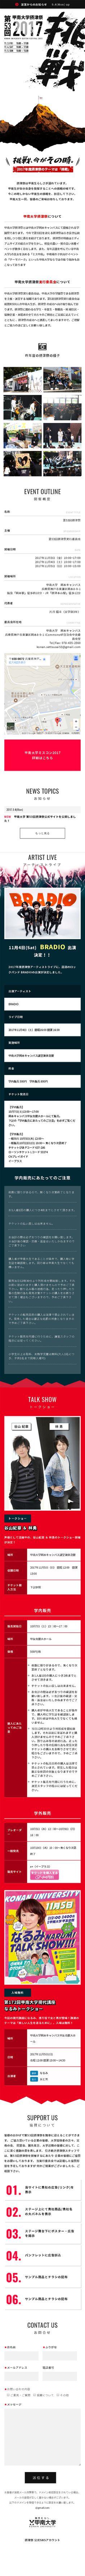 甲南大学様の「甲南大学」のランディングページ(LP)かっこいい系 イベント・キャンペーン・体験